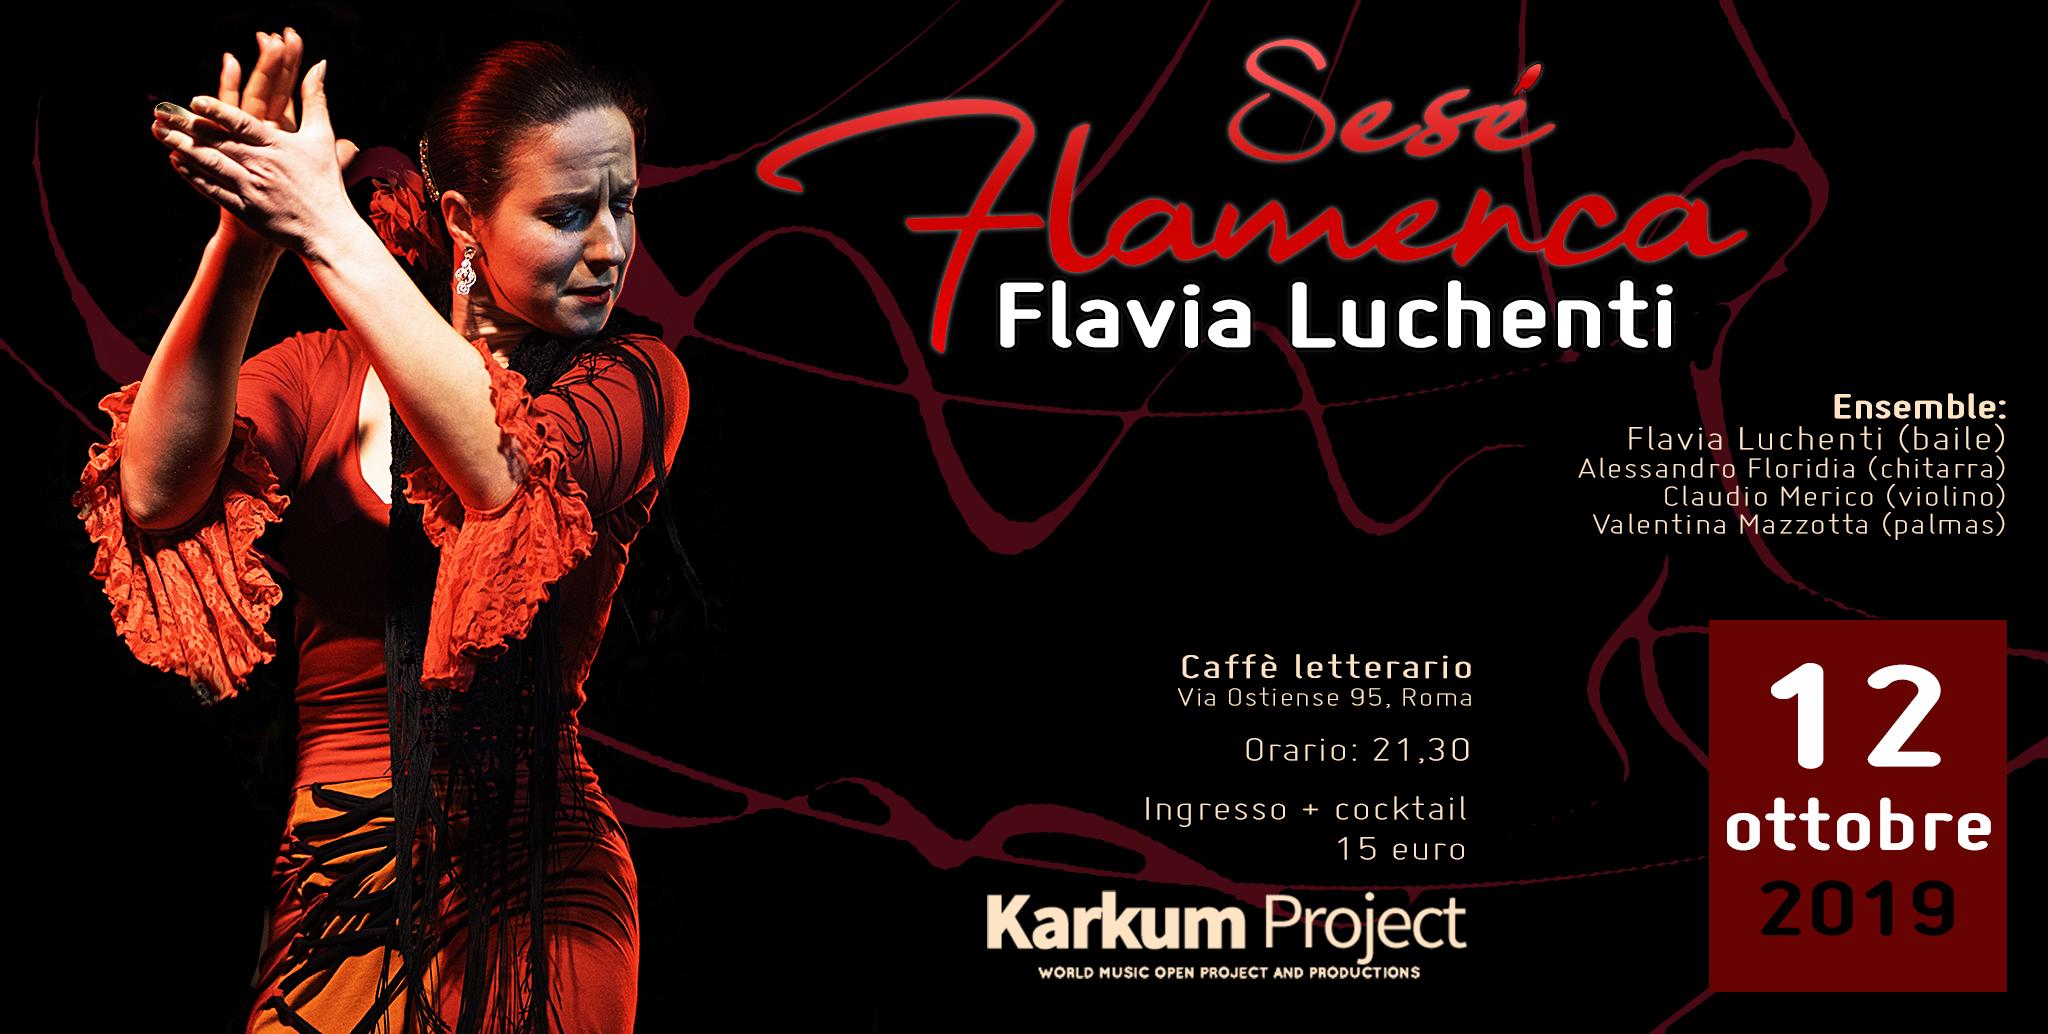 flavia luchenti caffe letterario roma